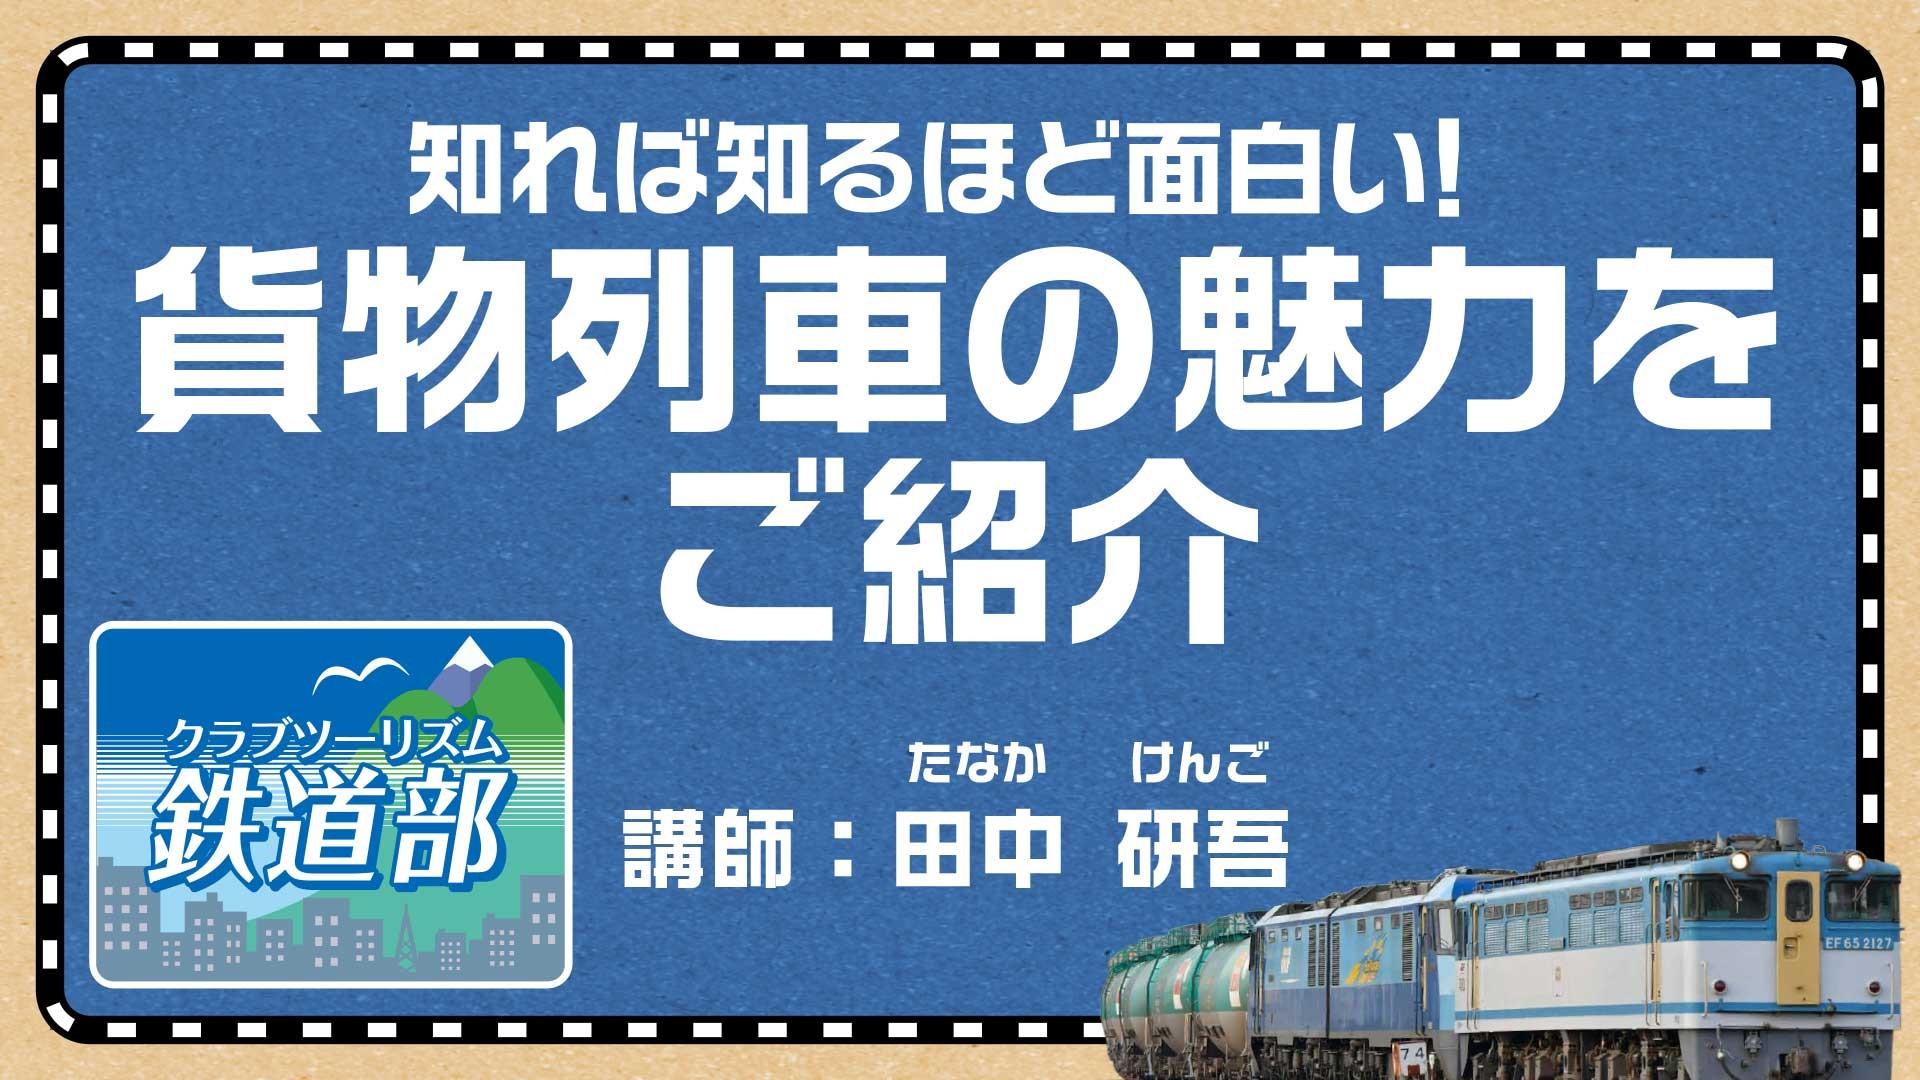 【鉄道】知れば知るほど奥が深い 貨物列車の魅力